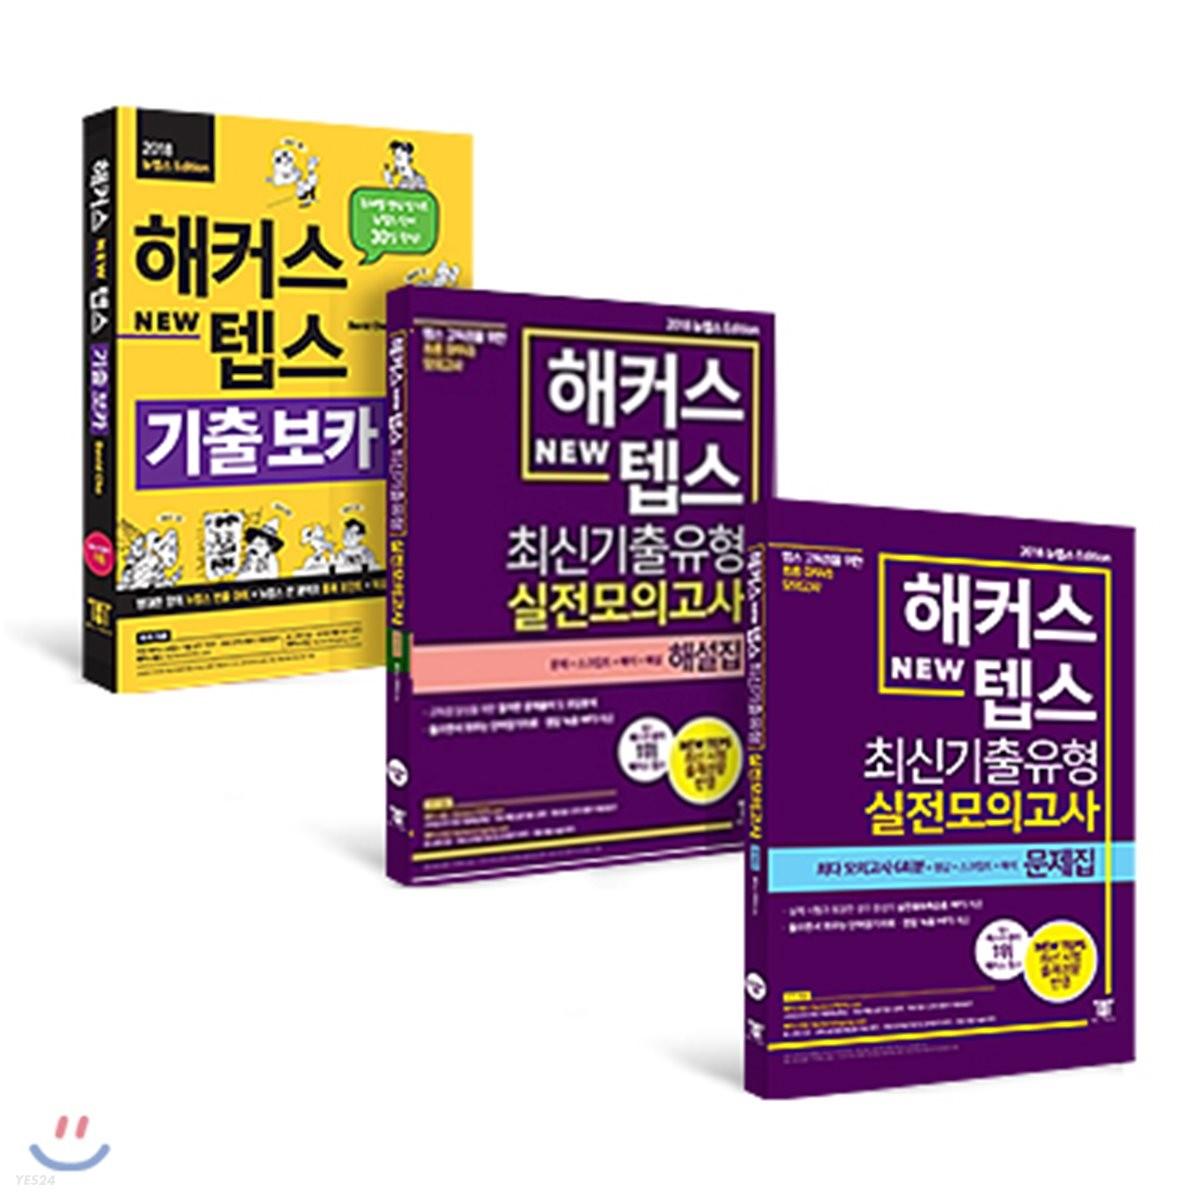 해커스 뉴텝스 New TEPS 기출 보카 + 최신기출유형 실전모의고사 문제집 + 해설집